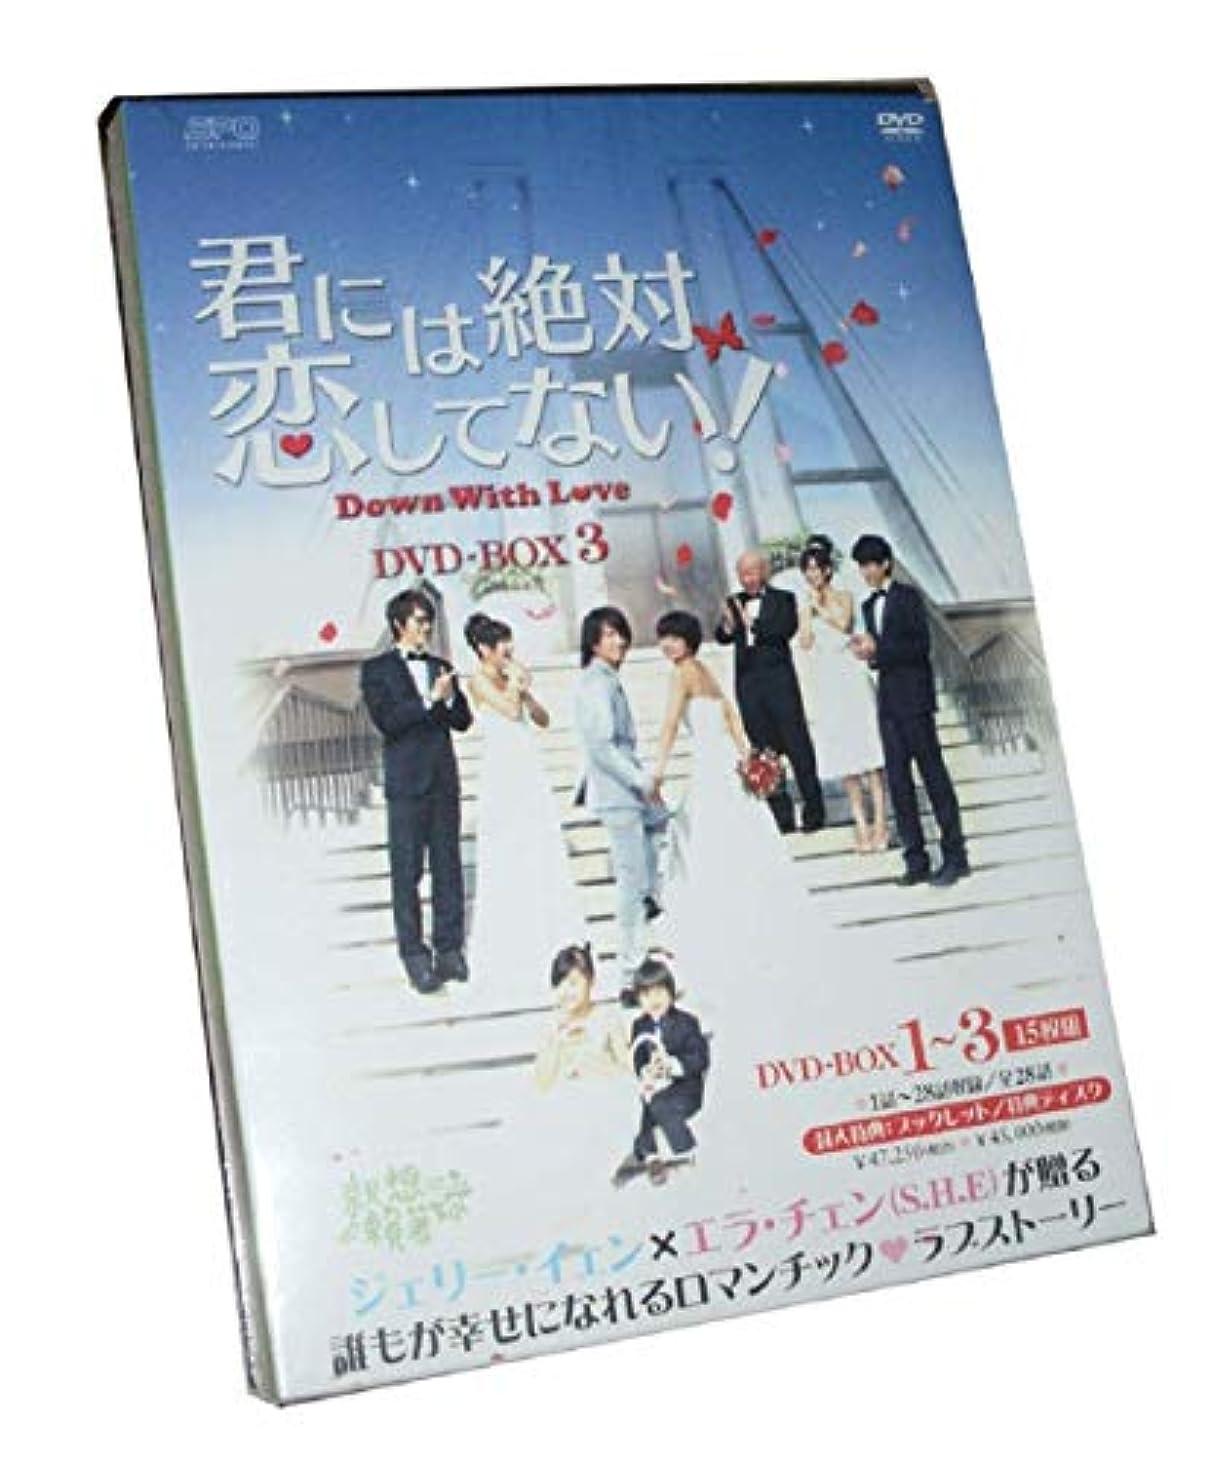 しない相談する体現する君には絶対恋してない!~Down with Love DVD-BOX1-3 28話+特典15枚組 中国語/日本語字幕